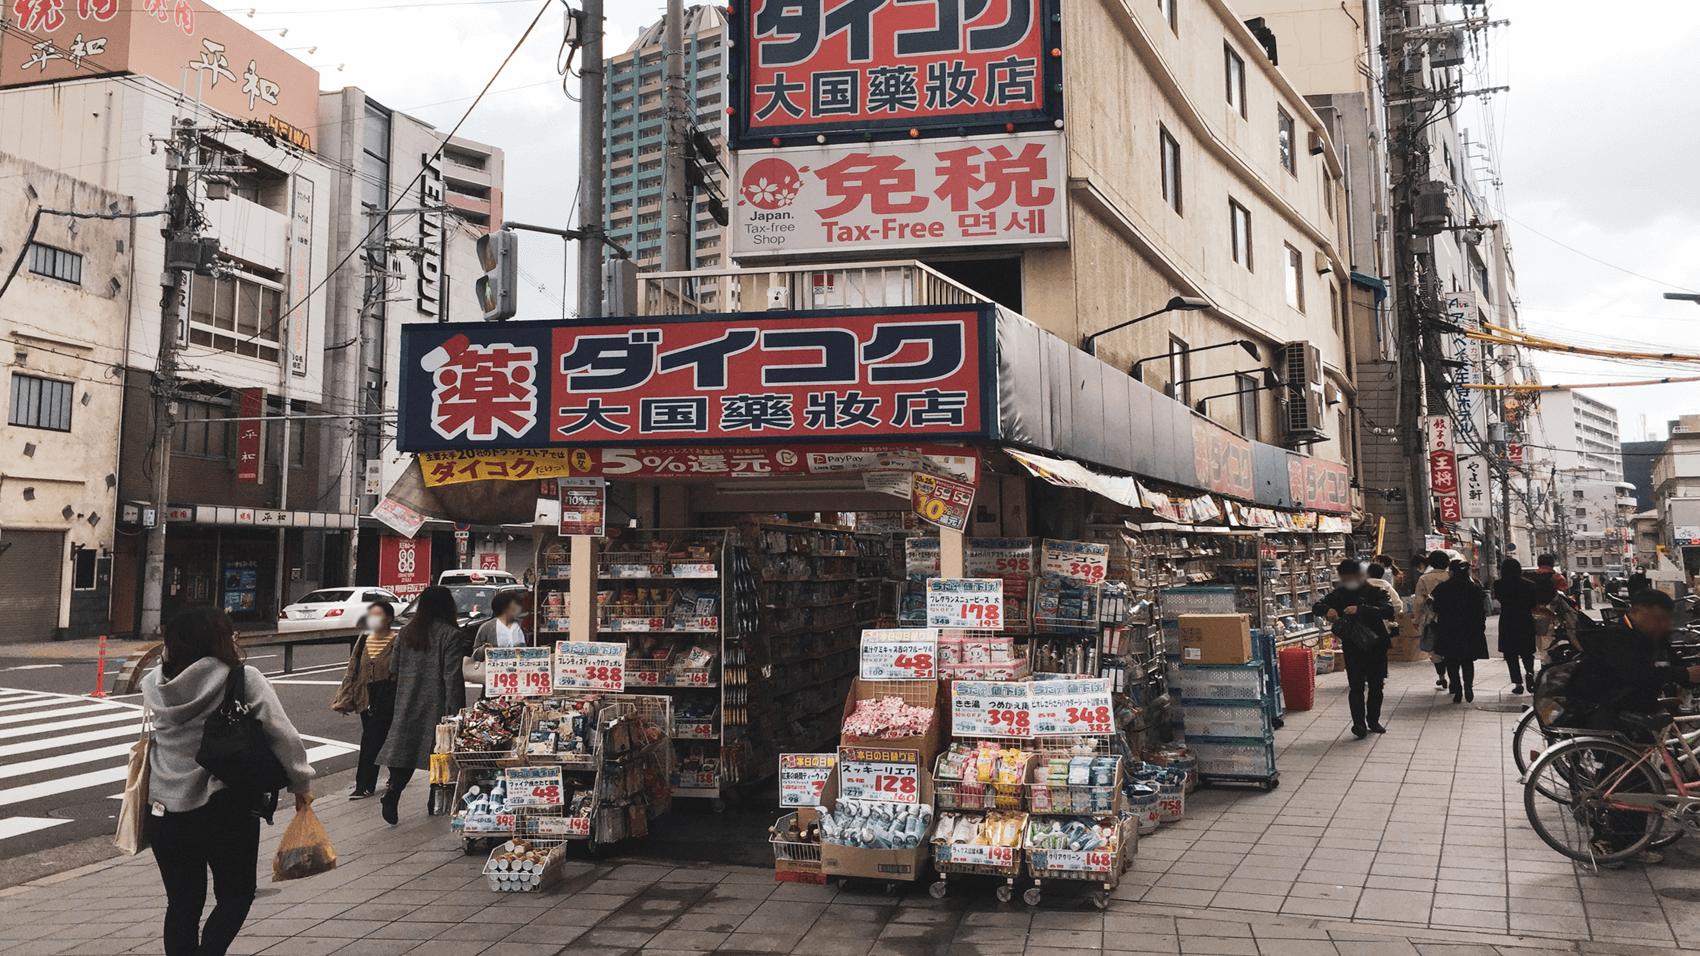 ダイコクドラッグ天王寺駅前店